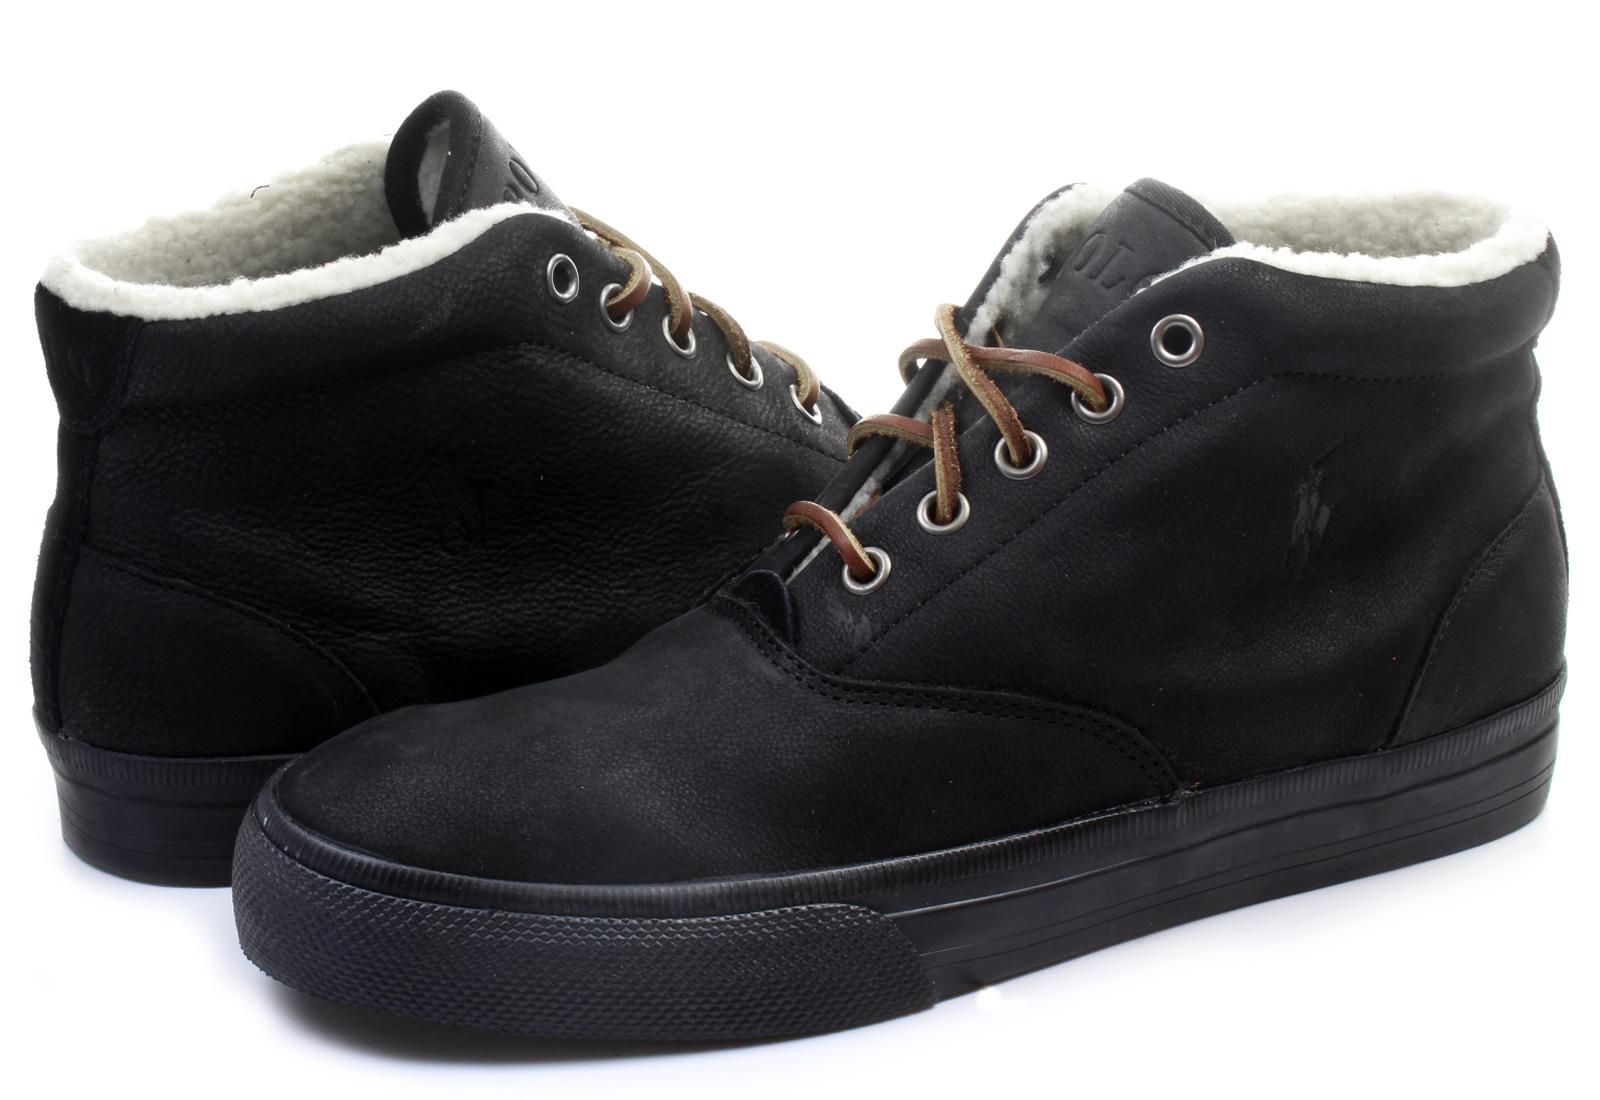 polo ralph lauren shoes zale s 2041 r 0001 online. Black Bedroom Furniture Sets. Home Design Ideas